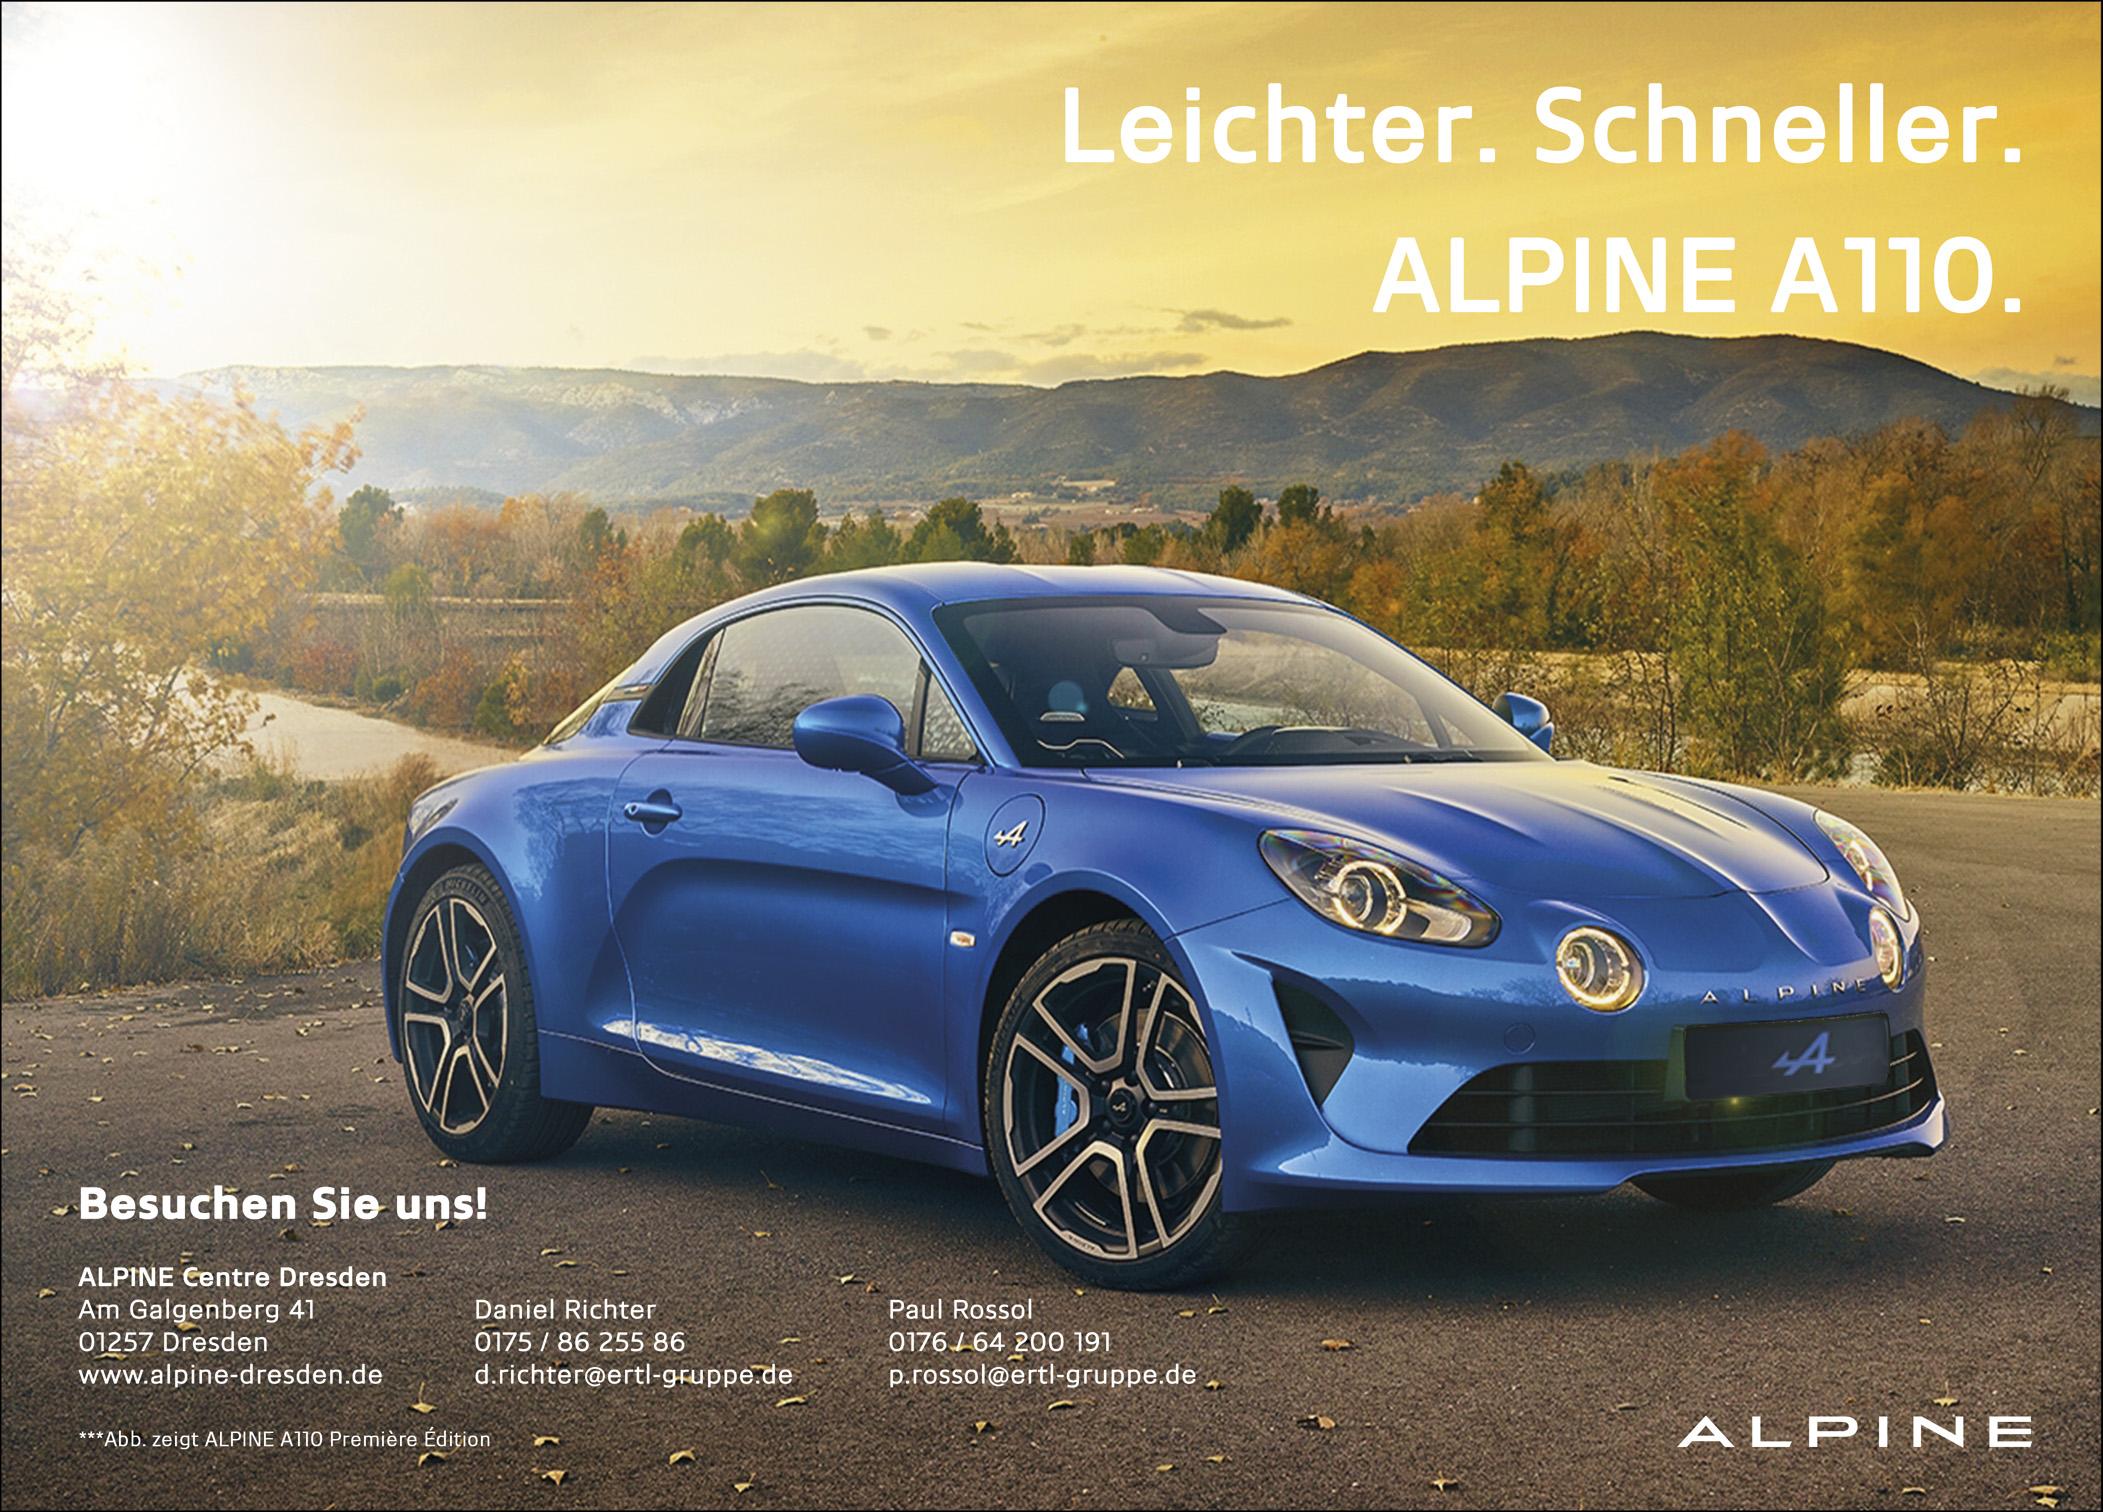 Dresdener Auto AG